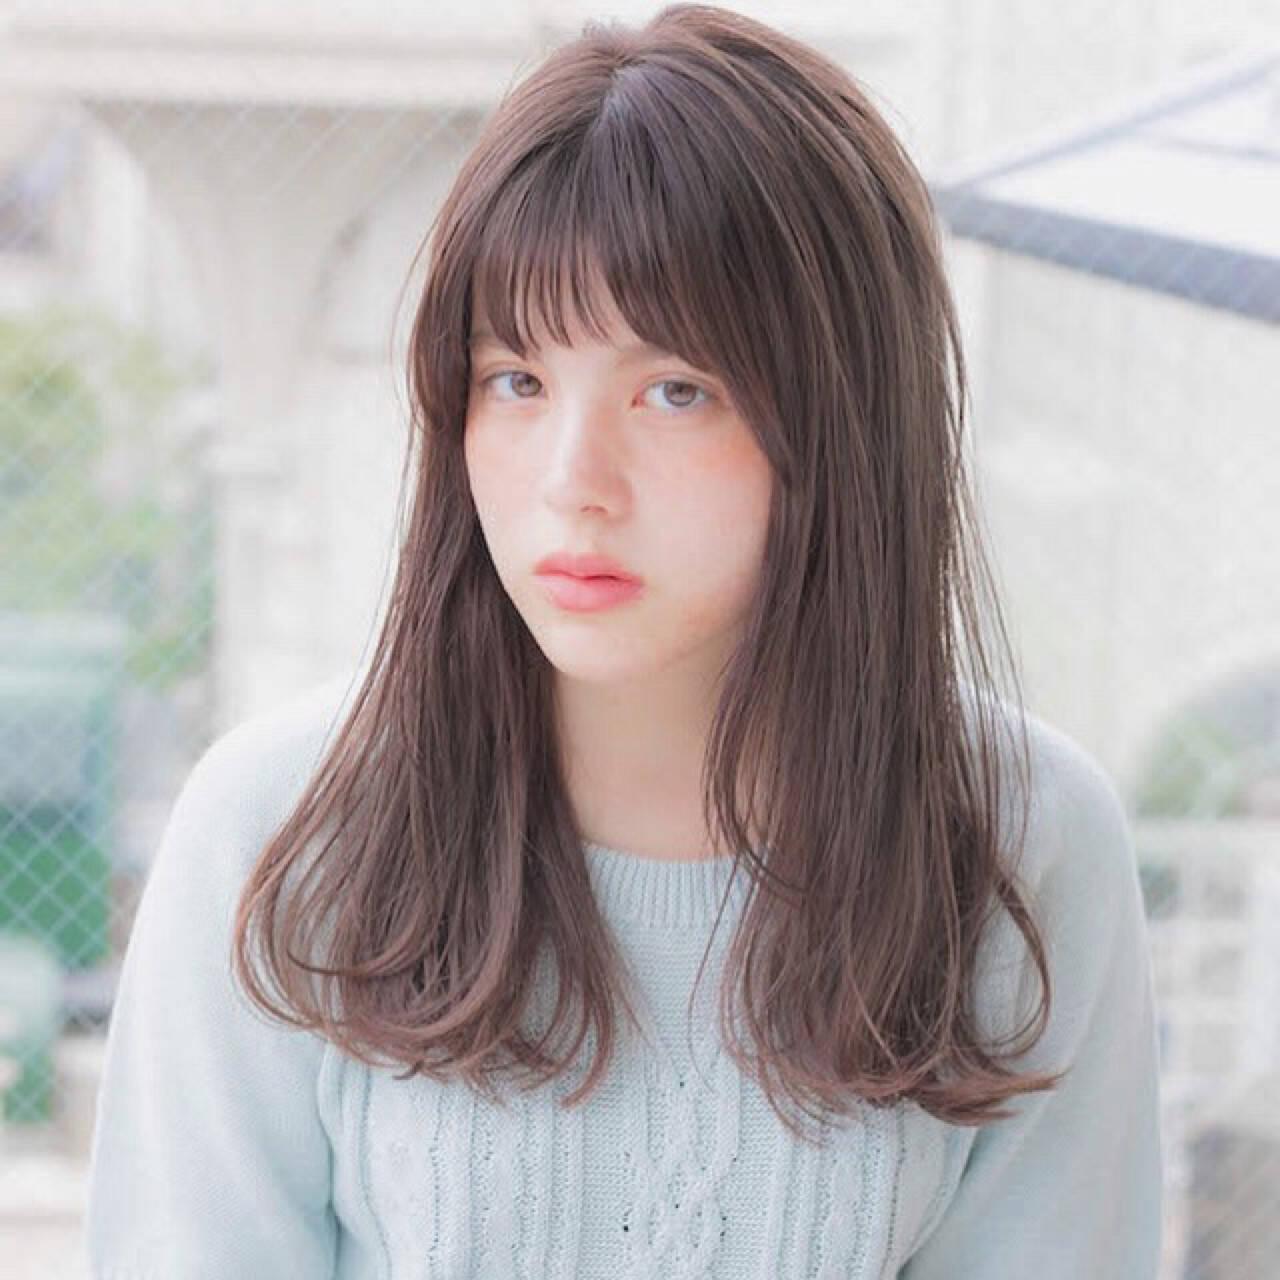 女子力 ゆるふわ セミロング 前髪ありヘアスタイルや髪型の写真・画像